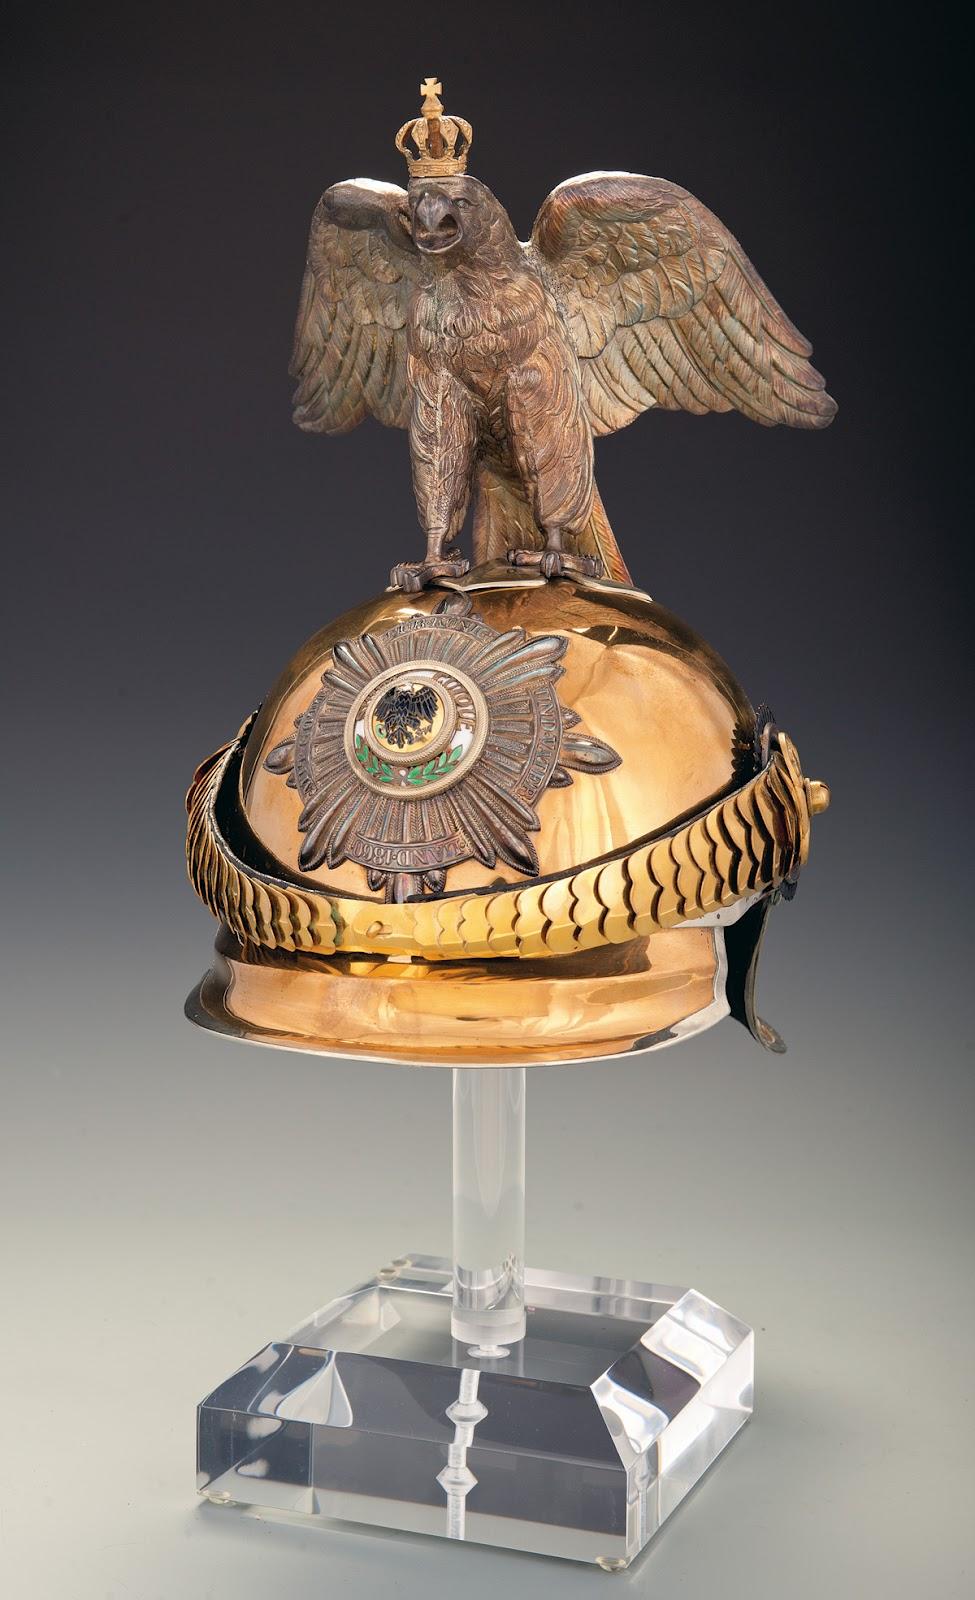 the rock island auction blog september auction prussian garde du corps officer 39 s helmet. Black Bedroom Furniture Sets. Home Design Ideas